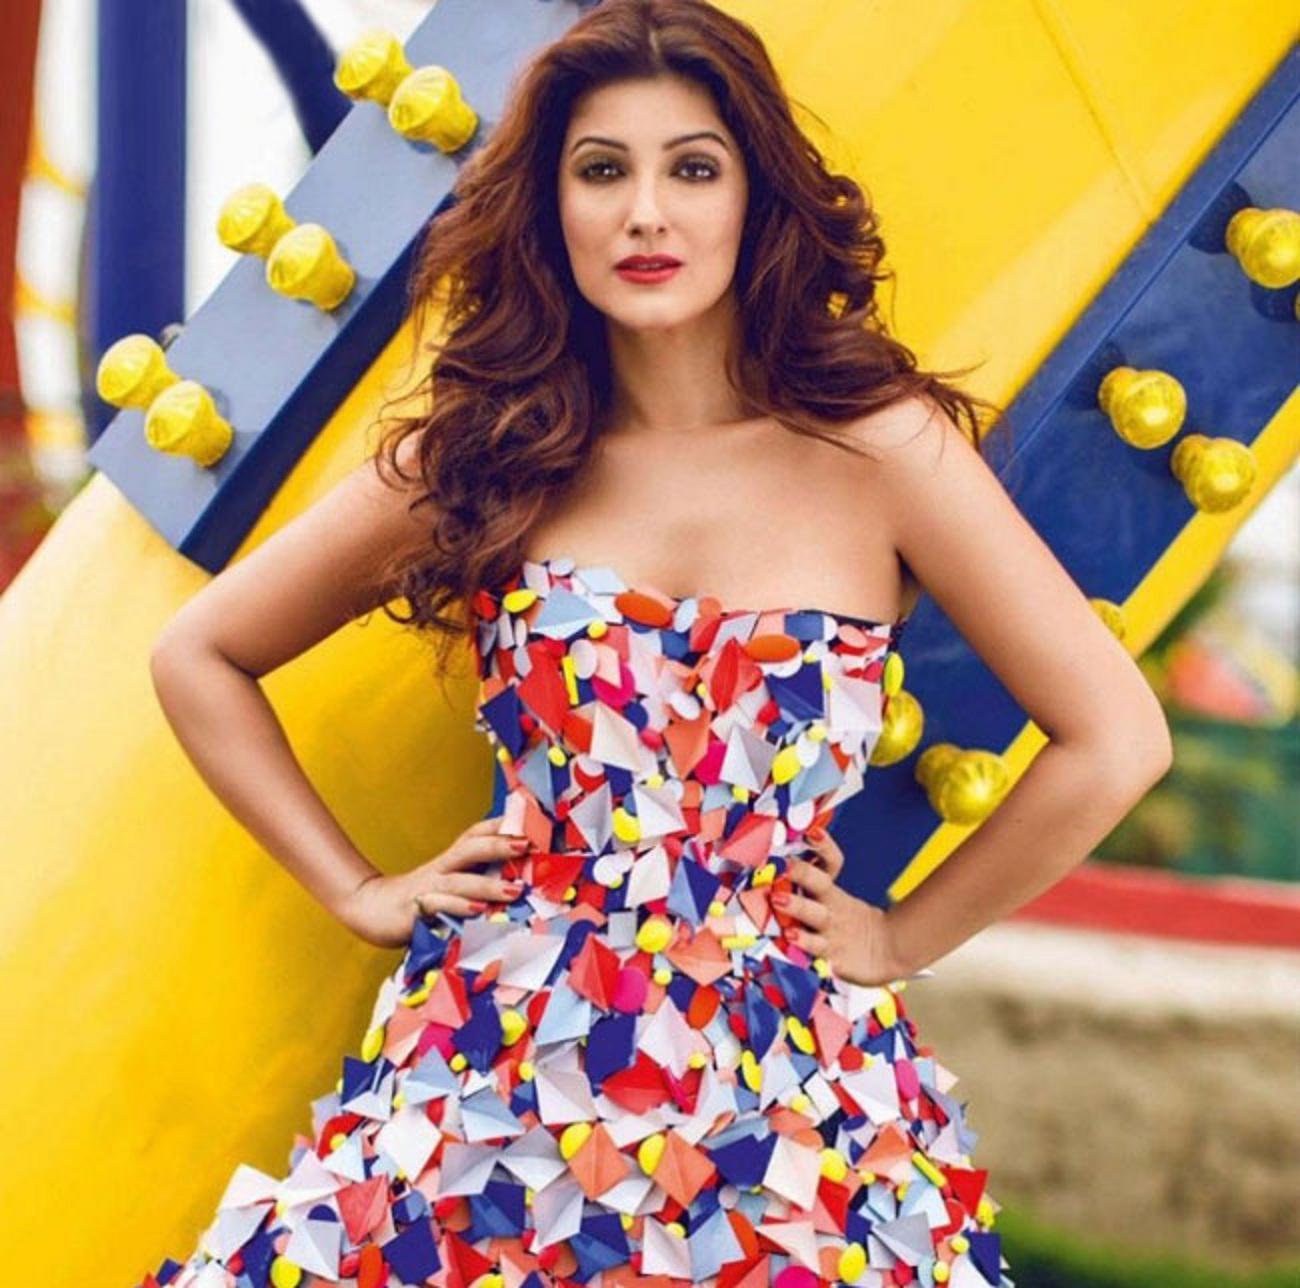 Beautiful Twinkle Khanna Hd Wallpaper - All 4U Stars Wallpaper